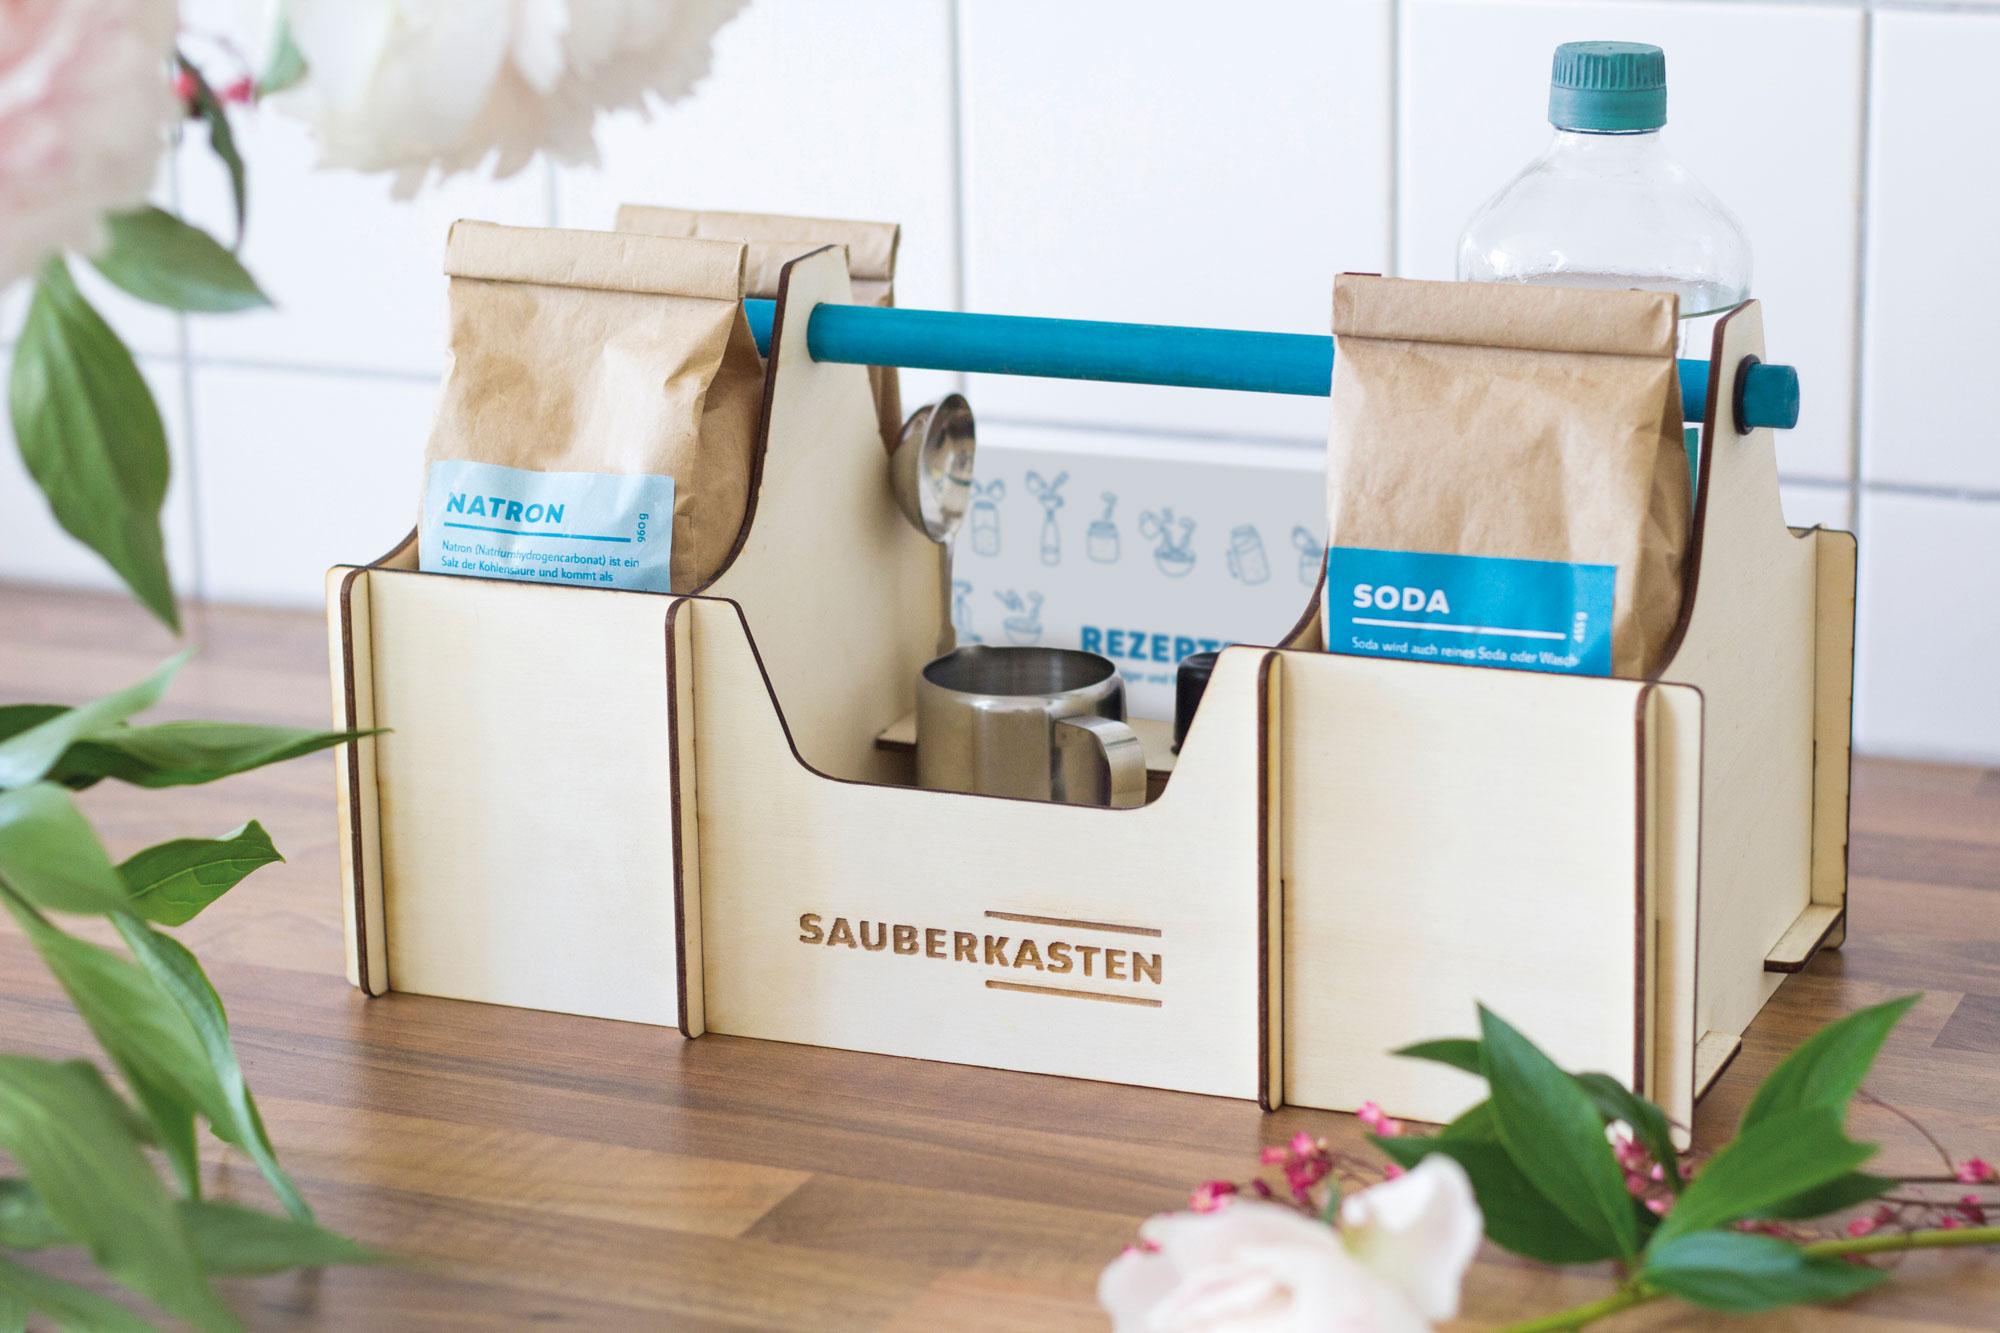 Der Sauberkasten enthält alles, um die Wohnung nachhaltig auf Vordermann zu bringen